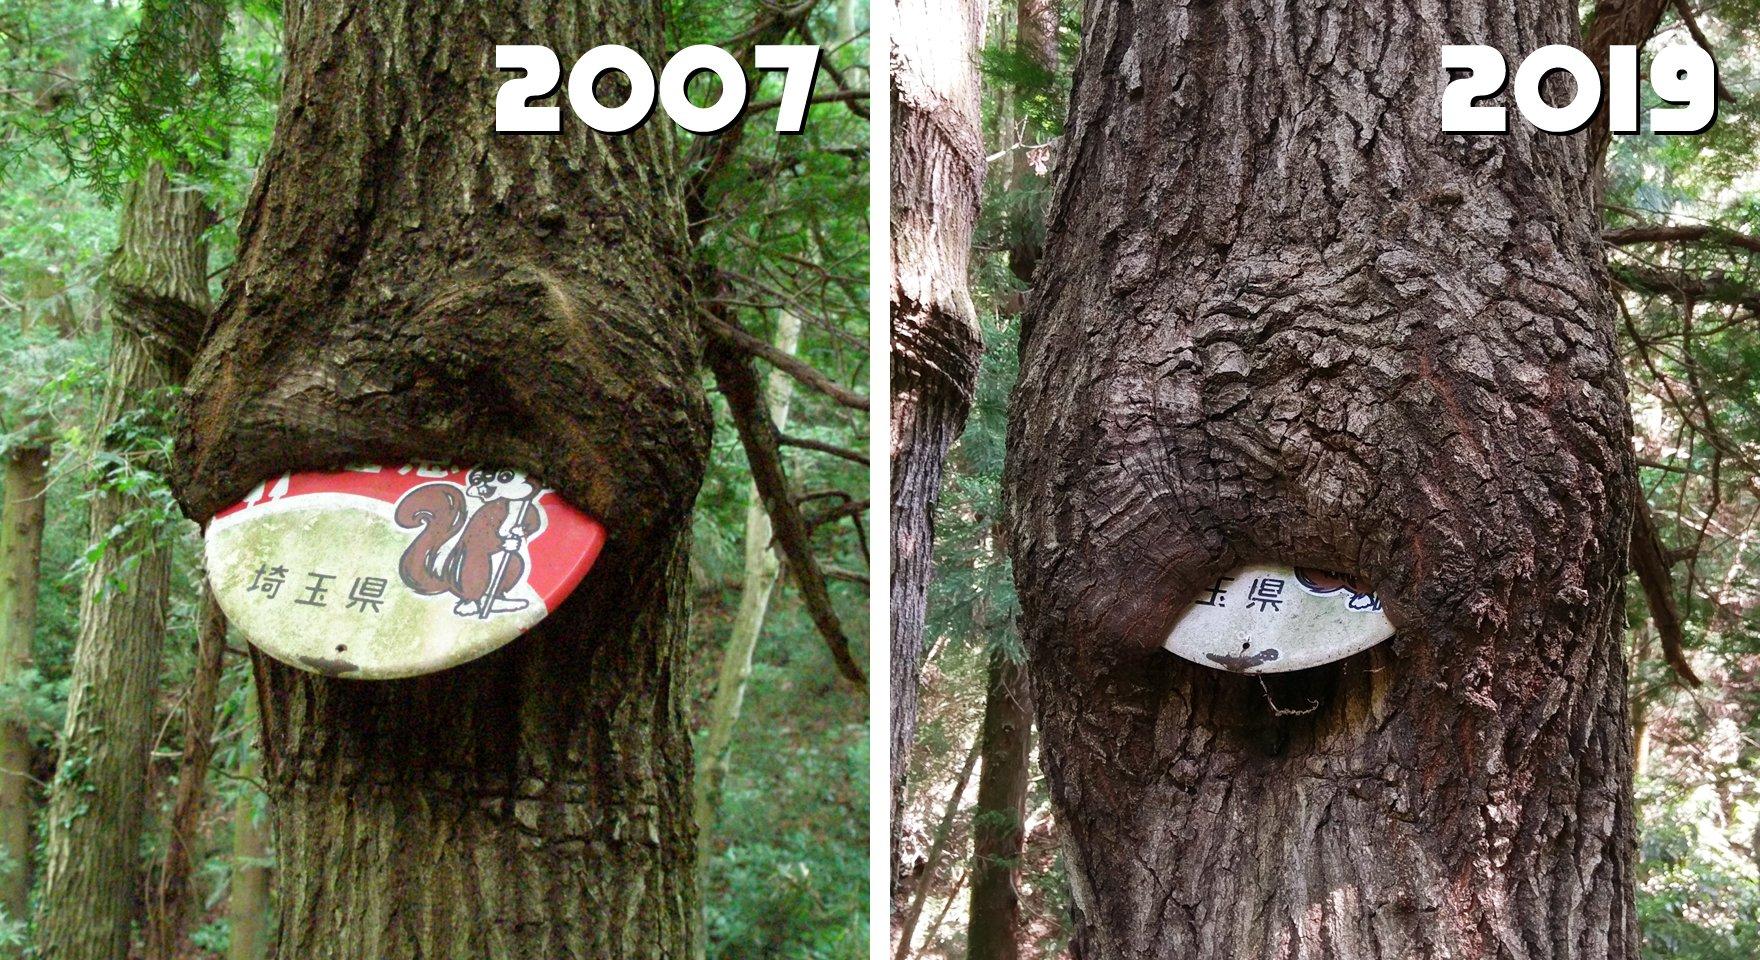 寄居町の林道馬騎ノ内線の、木に喰われた #まといリス 。12年ぶりに行ったらまだいたけど、ほぼ飲み込まれる寸前だった!